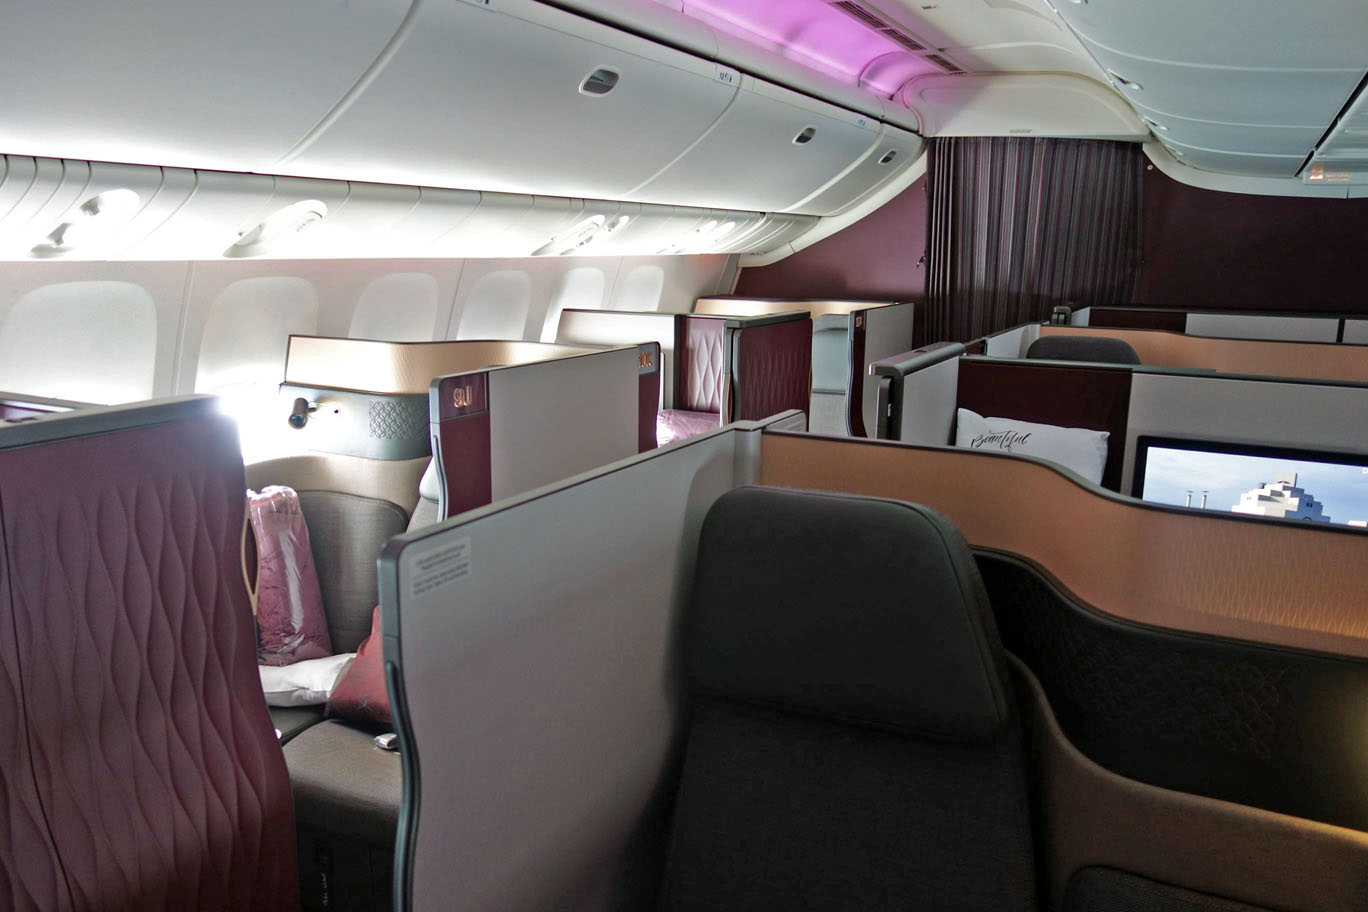 OFFICIAL: Qatar Airways снижает премиальные расценки на 49%